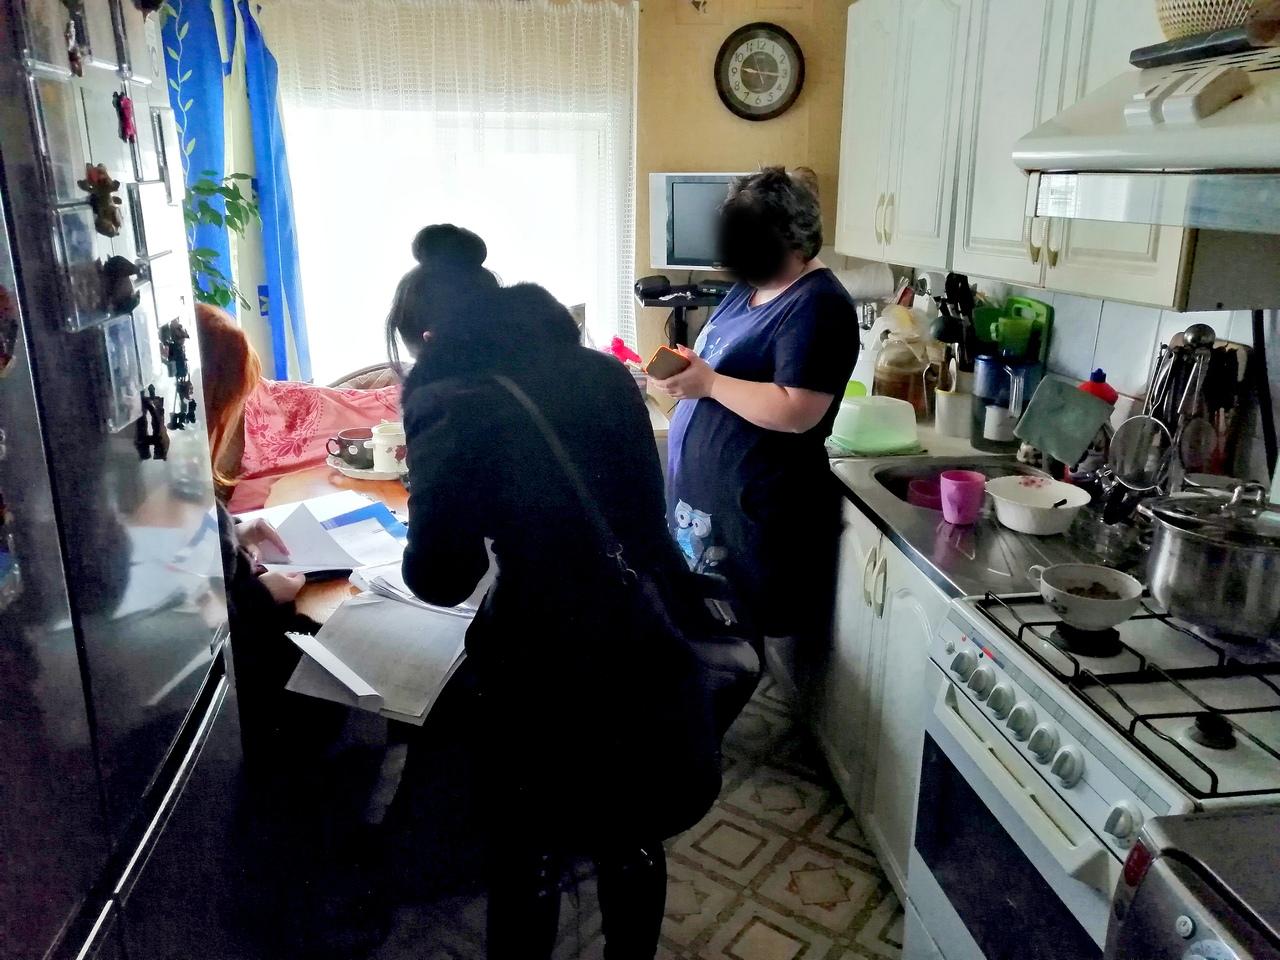 В Ярославле приставы арестовали имущество супругов за долг в 44 миллиона рублей